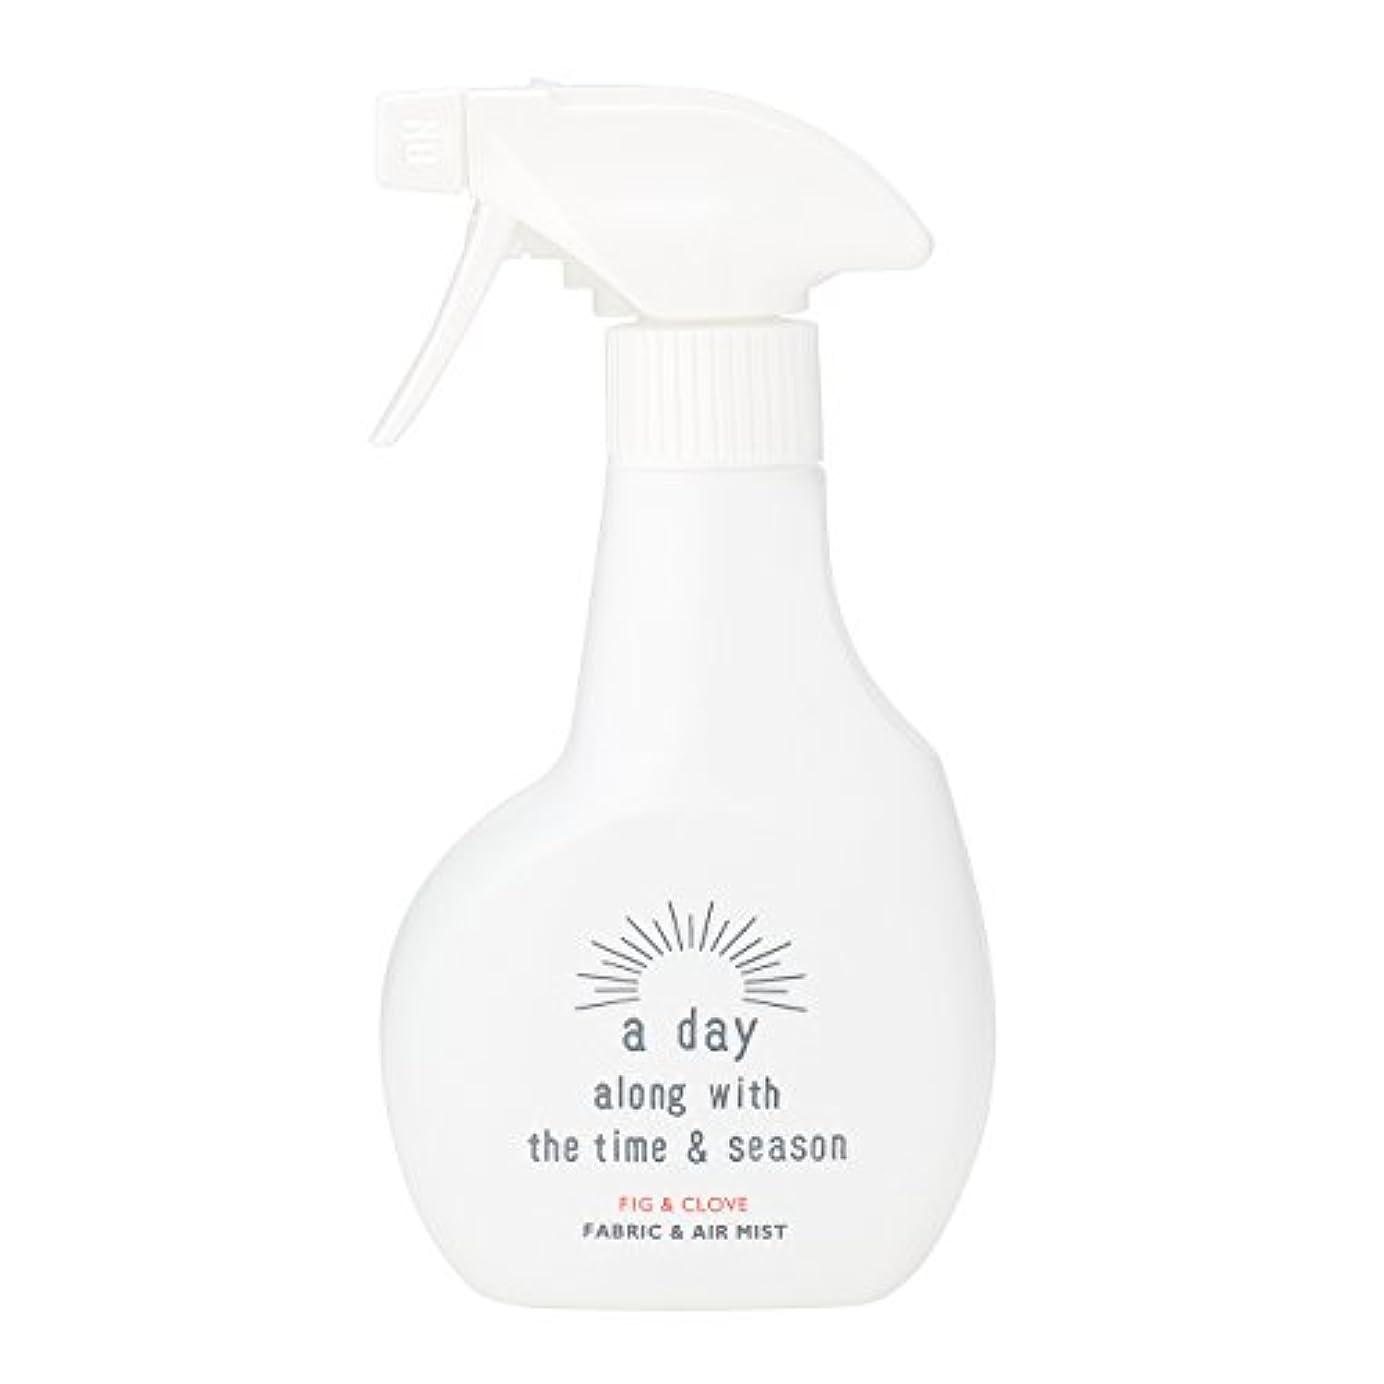 抑圧するトレイ区別するアデイ(a day) ファブリック&エアミスト フィグ&クローブ 300ml(消臭?除菌スプレー 個性的でフルーティーなフィグにオリエンタルなクローブを組み合わせた香り)